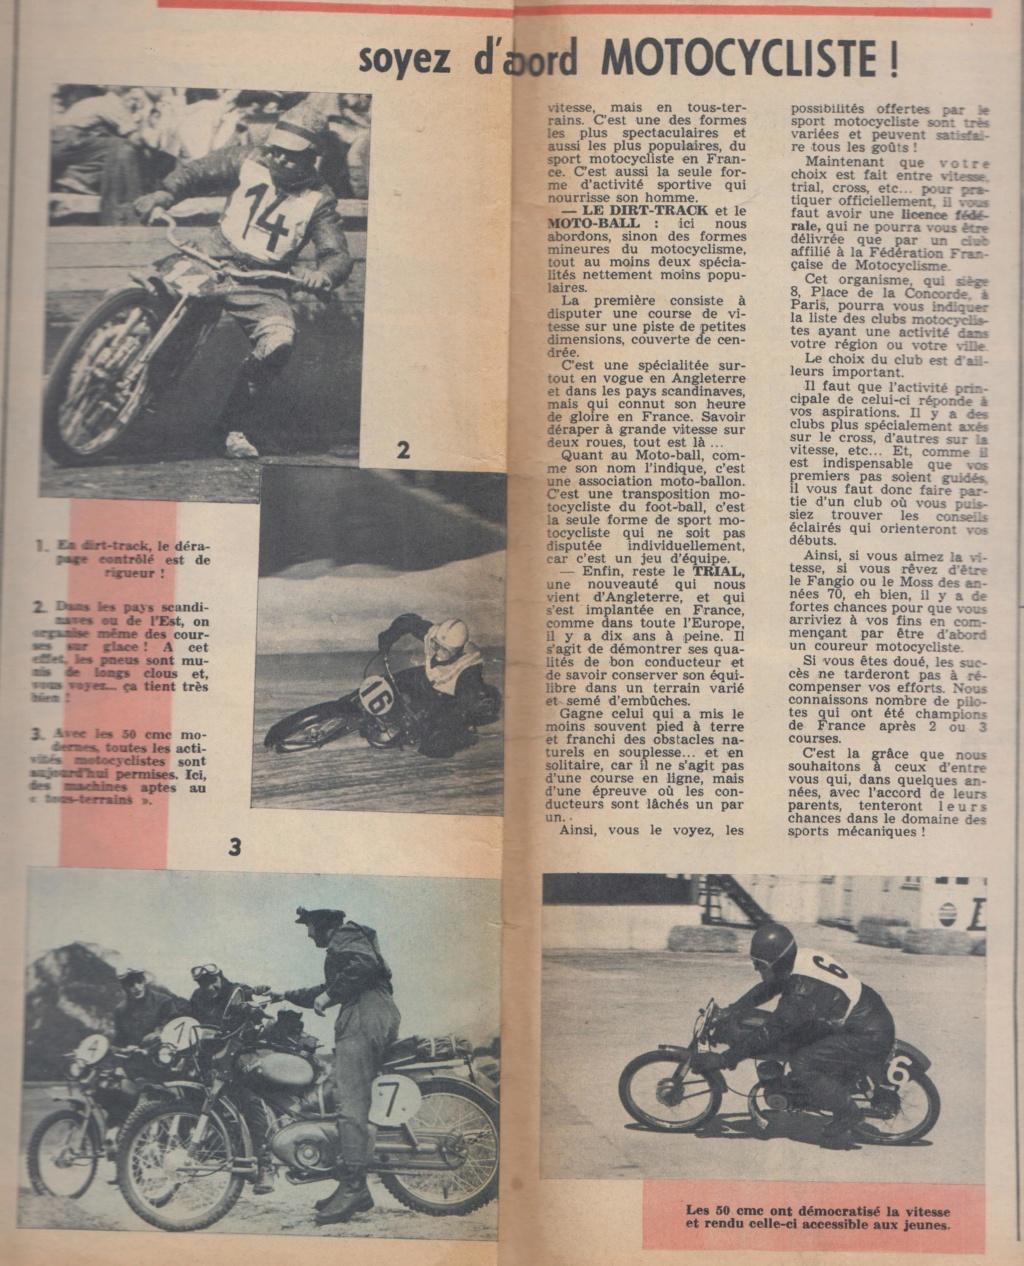 Le Journal de Tintin - de 1959 à 1964 les articles sur l'automobile et la moto Articl18